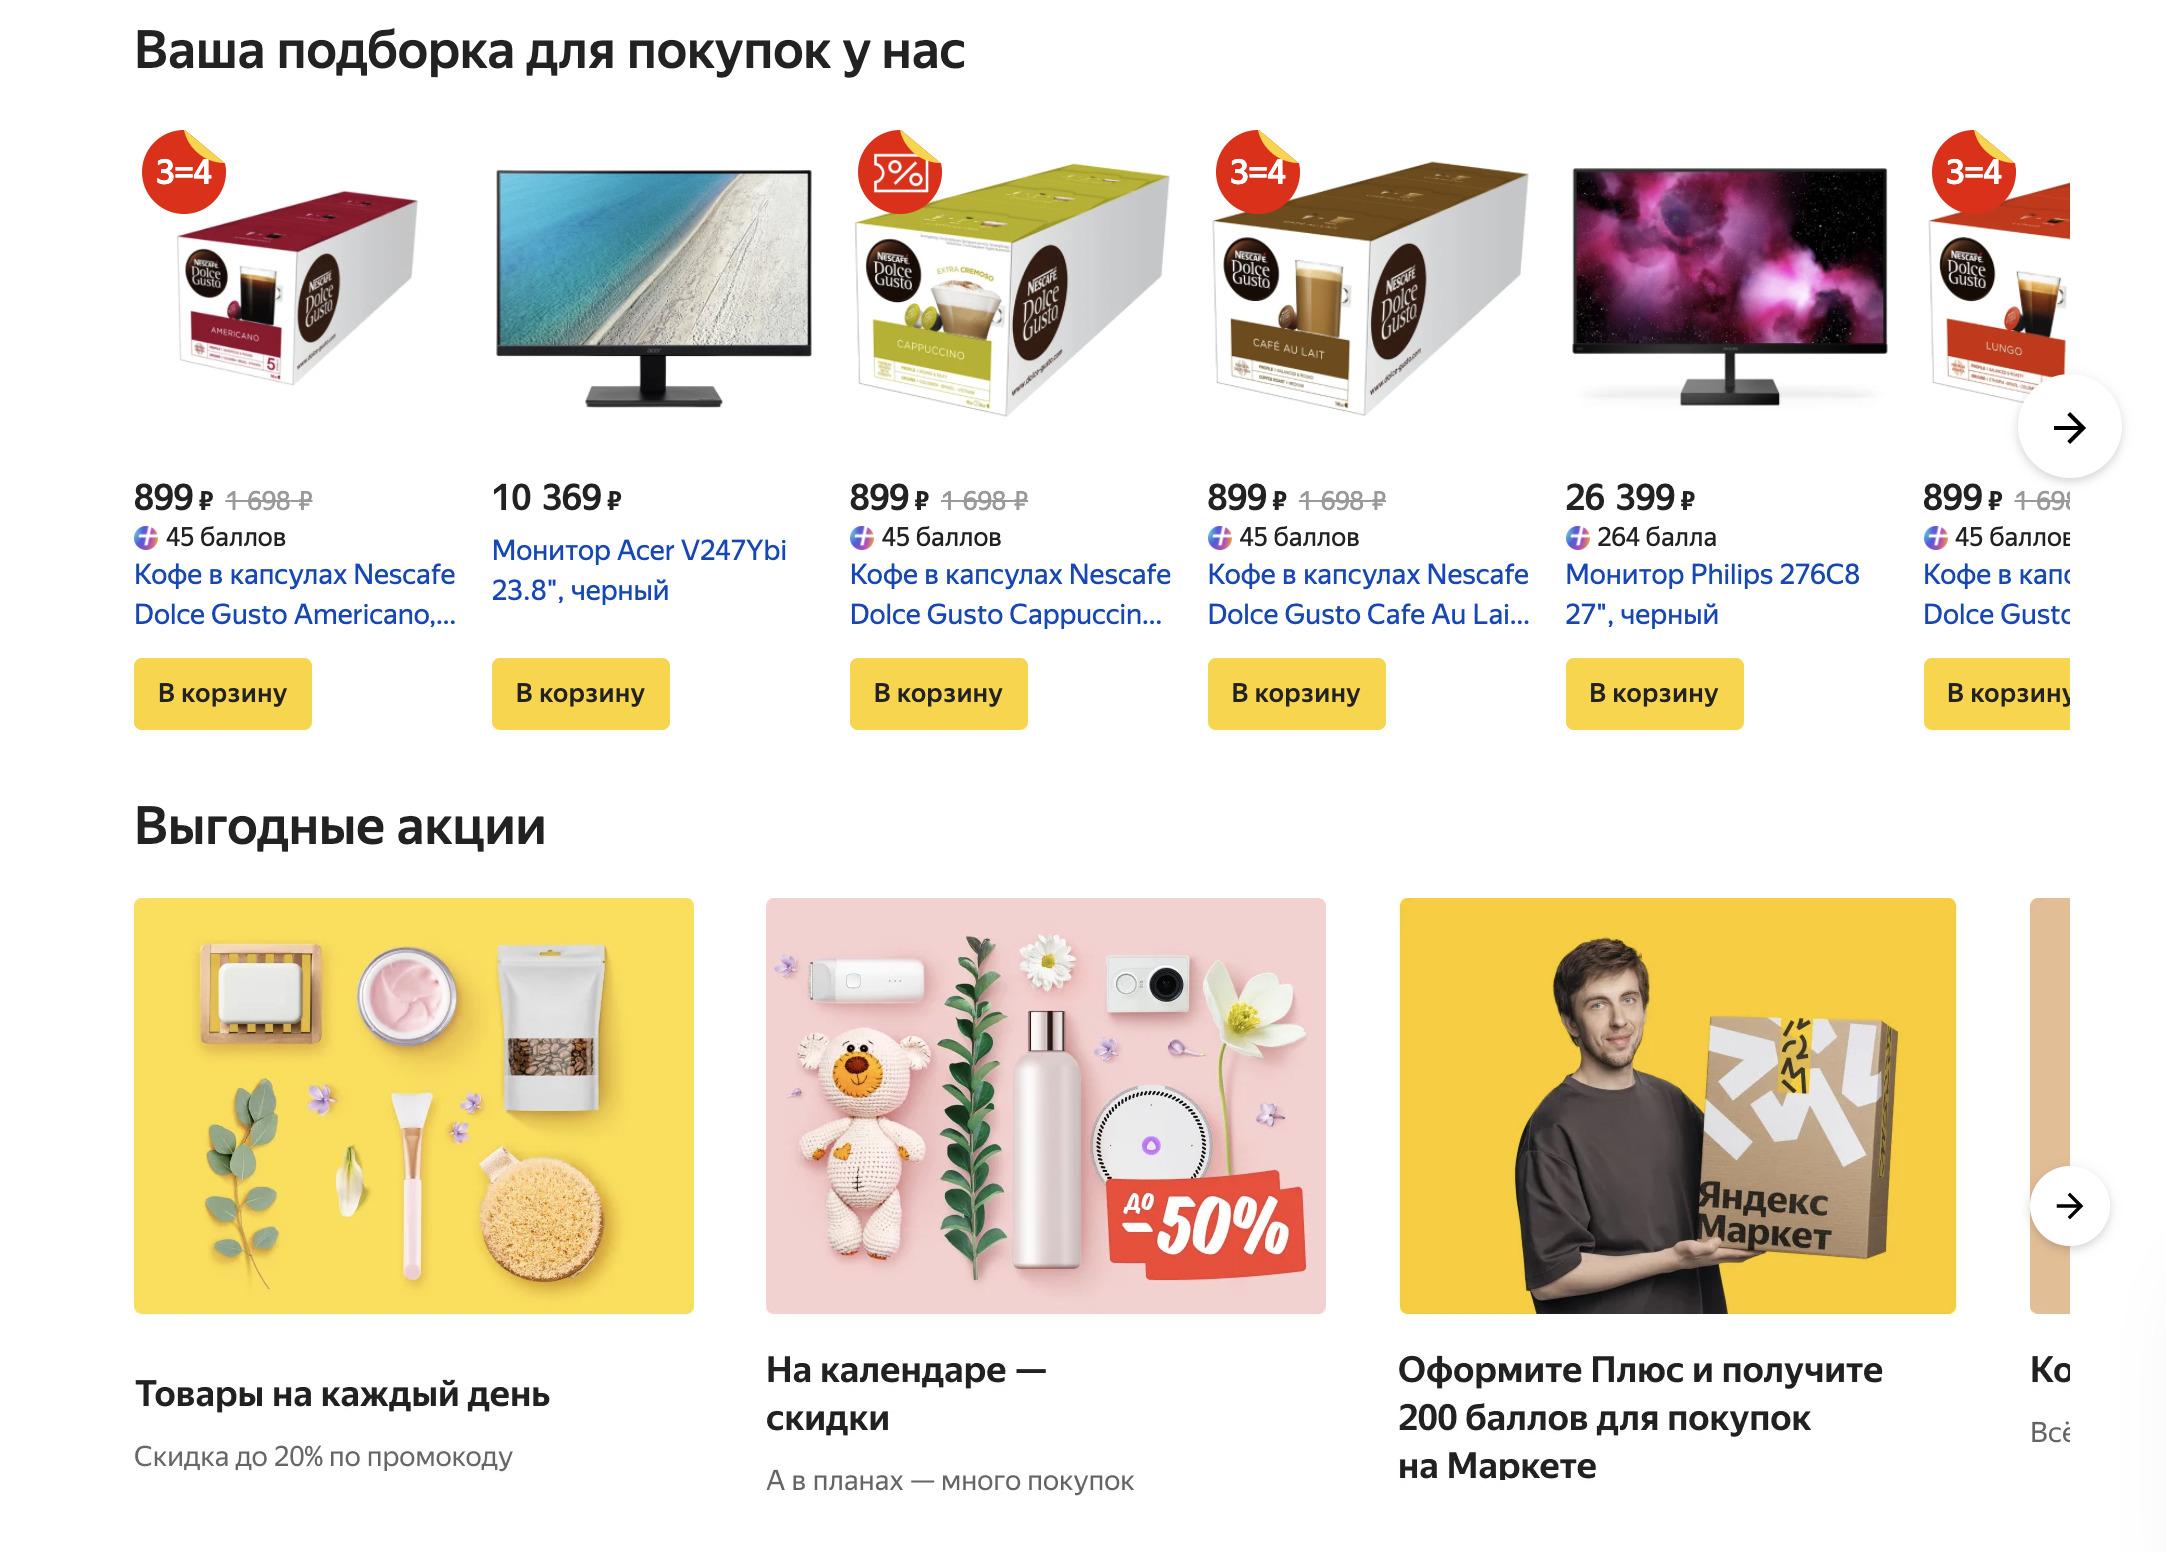 Доставка из Яндекс.Маркет в Зеленодольск, сроки, пункты выдачи, каталог